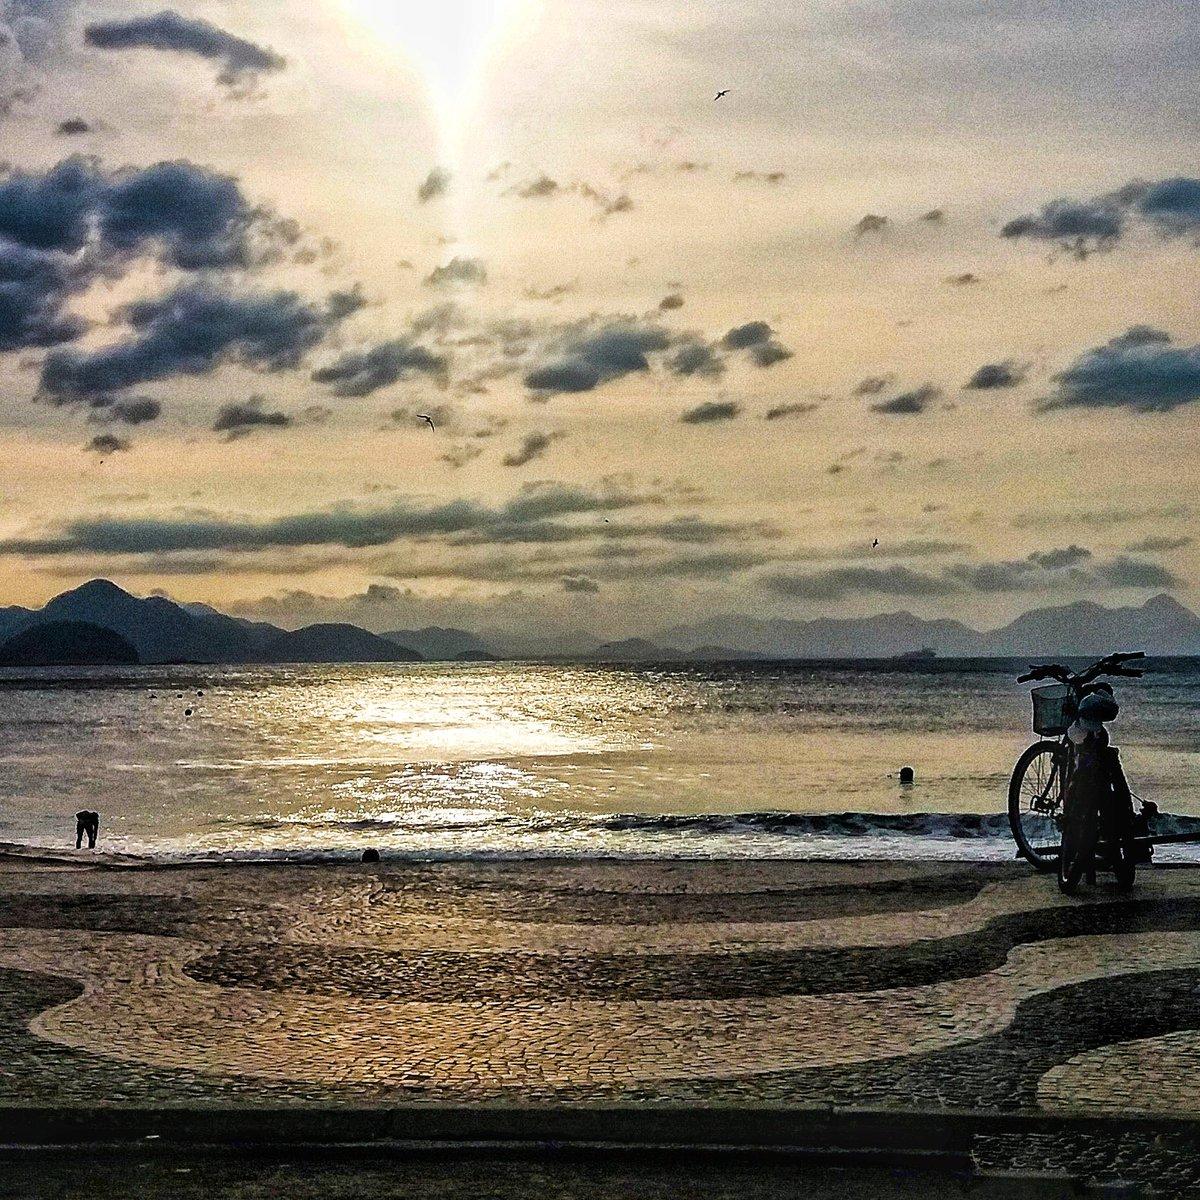 Copacabana - Rio de Janeiro  Samsung J5 Snapseed  #fotocelular #mobilephotography  #riodejaneiro #copacabana #praiadecopacabana #solnascente #sunrisepic.twitter.com/xAxr4m3NgU